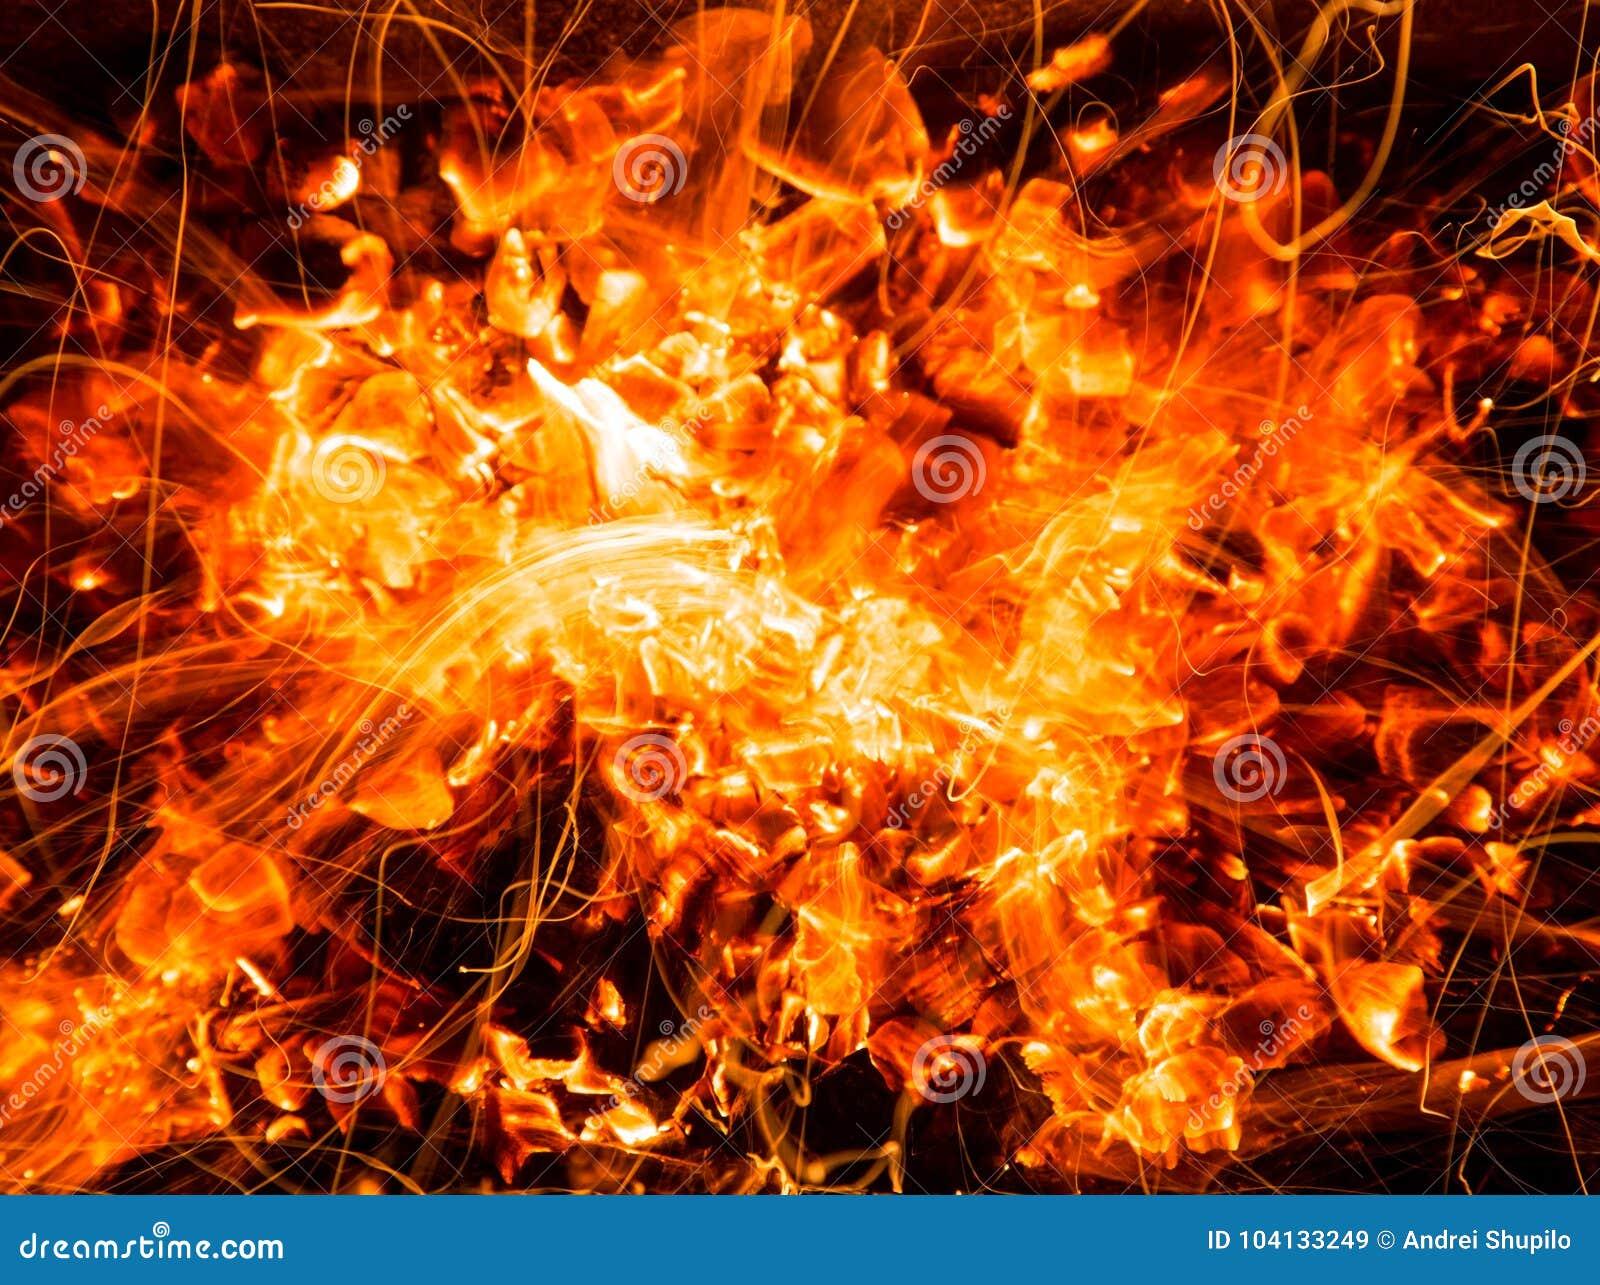 Abstracte achtergrond van het branden van steenkolen van brand met vonken